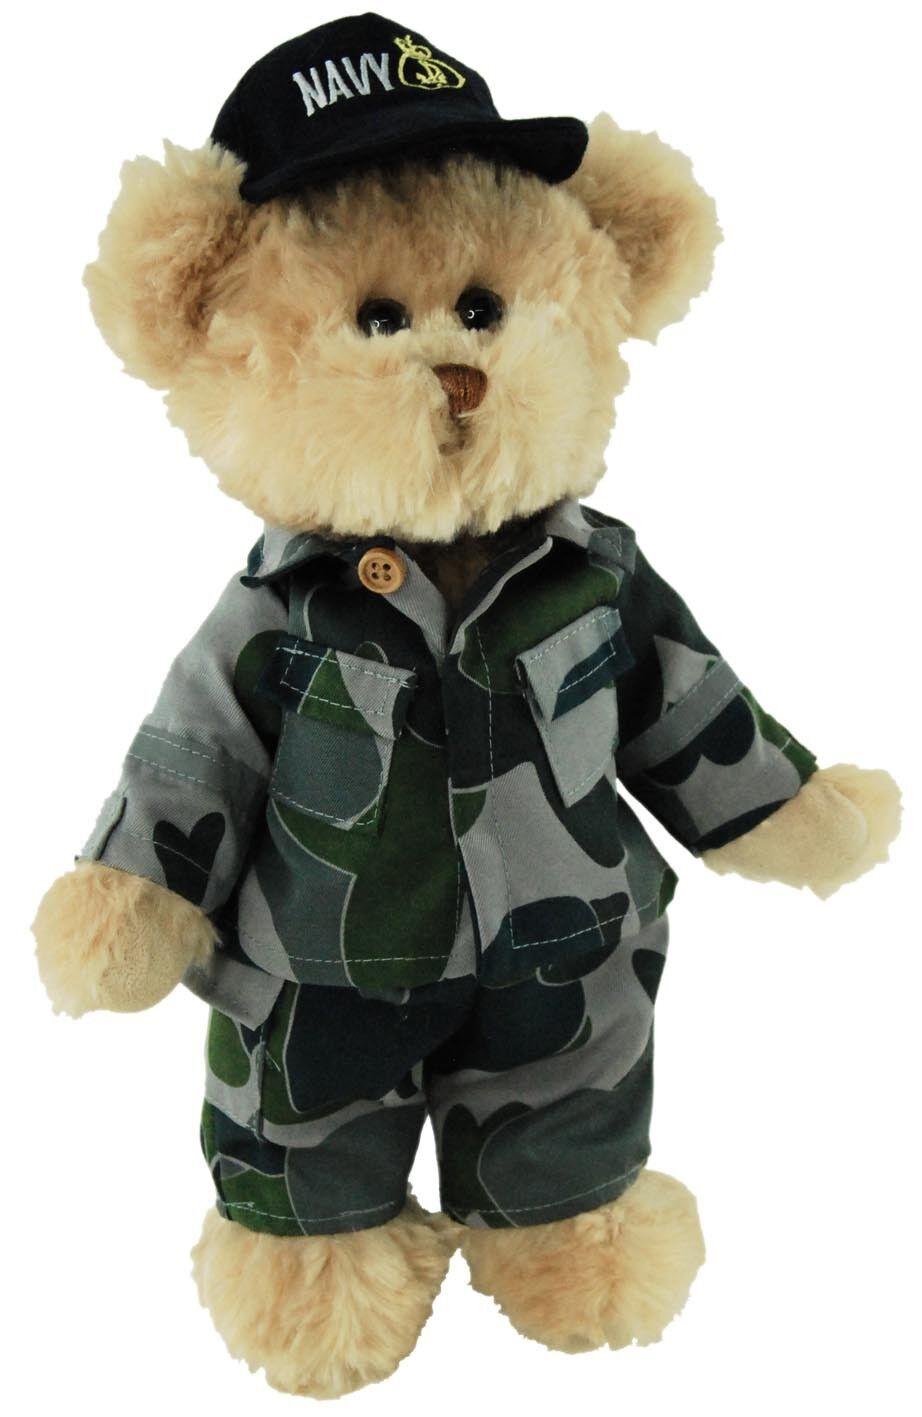 BNWT - TIC TOC TEDDIES SYDNEY THE  NAVY CAM BEAR  ARMY SOFT TOY 30CM 12INCH